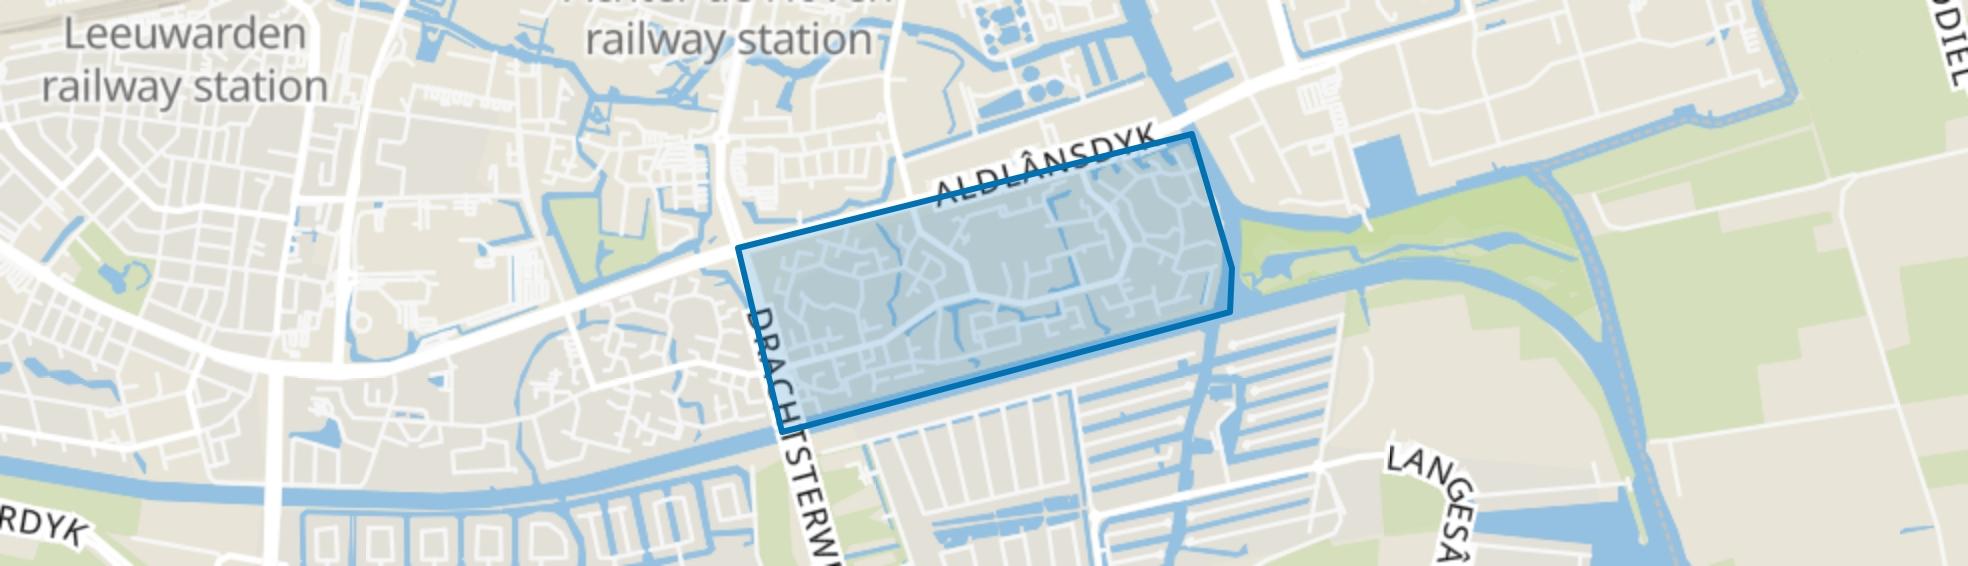 Aldlân-Oost, Leeuwarden map